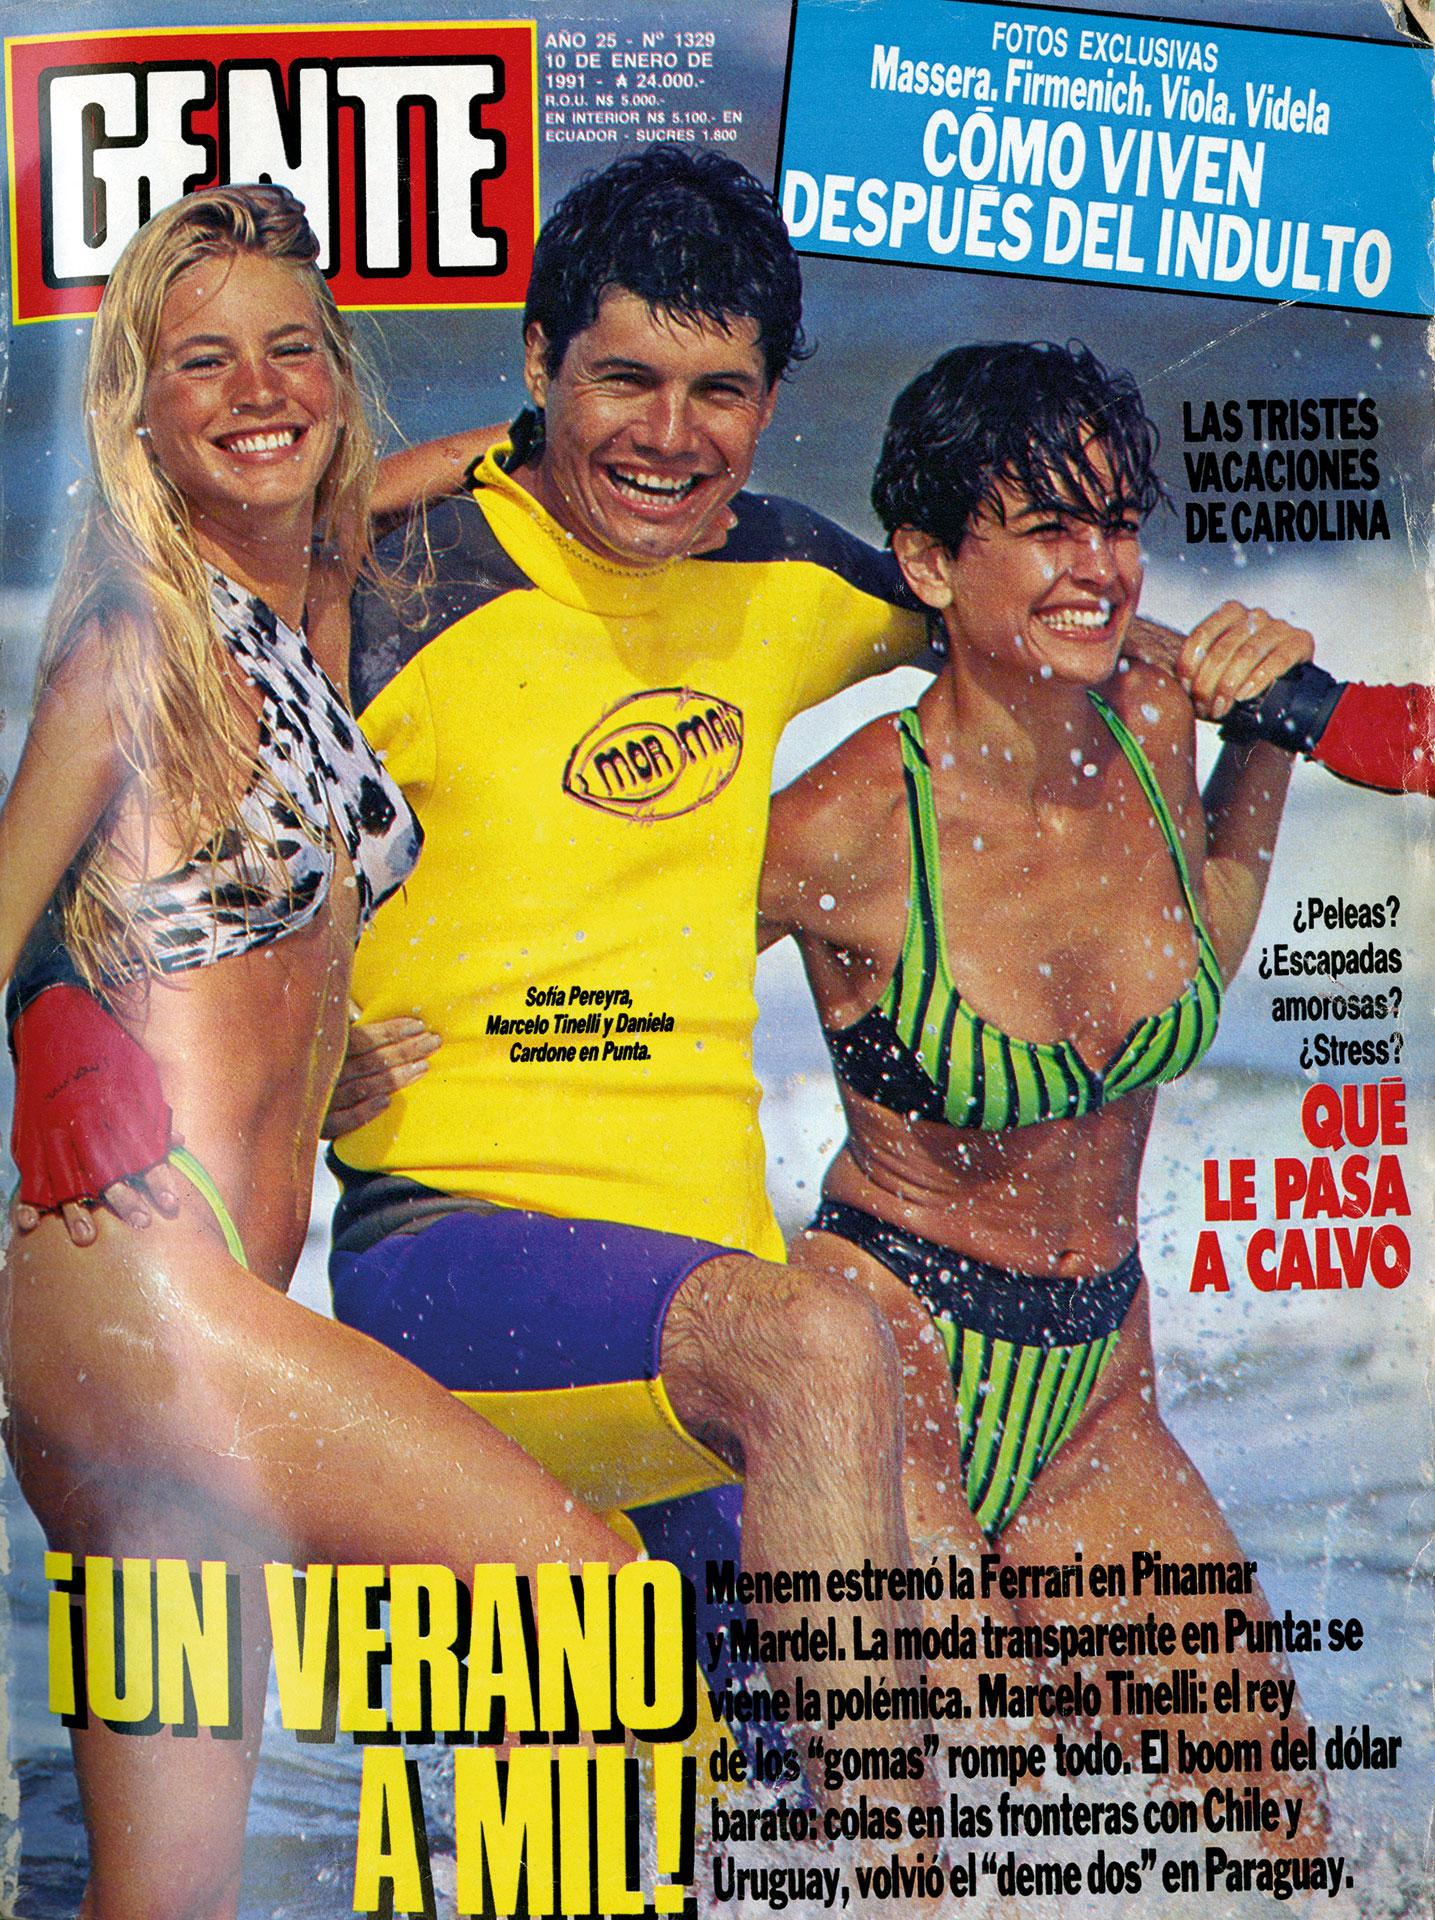 """El """"Rey de los Gomas"""" en la tapa veraniega de GENTE de 1991, junto a Daniela Cardone y Sofía Pereyra."""